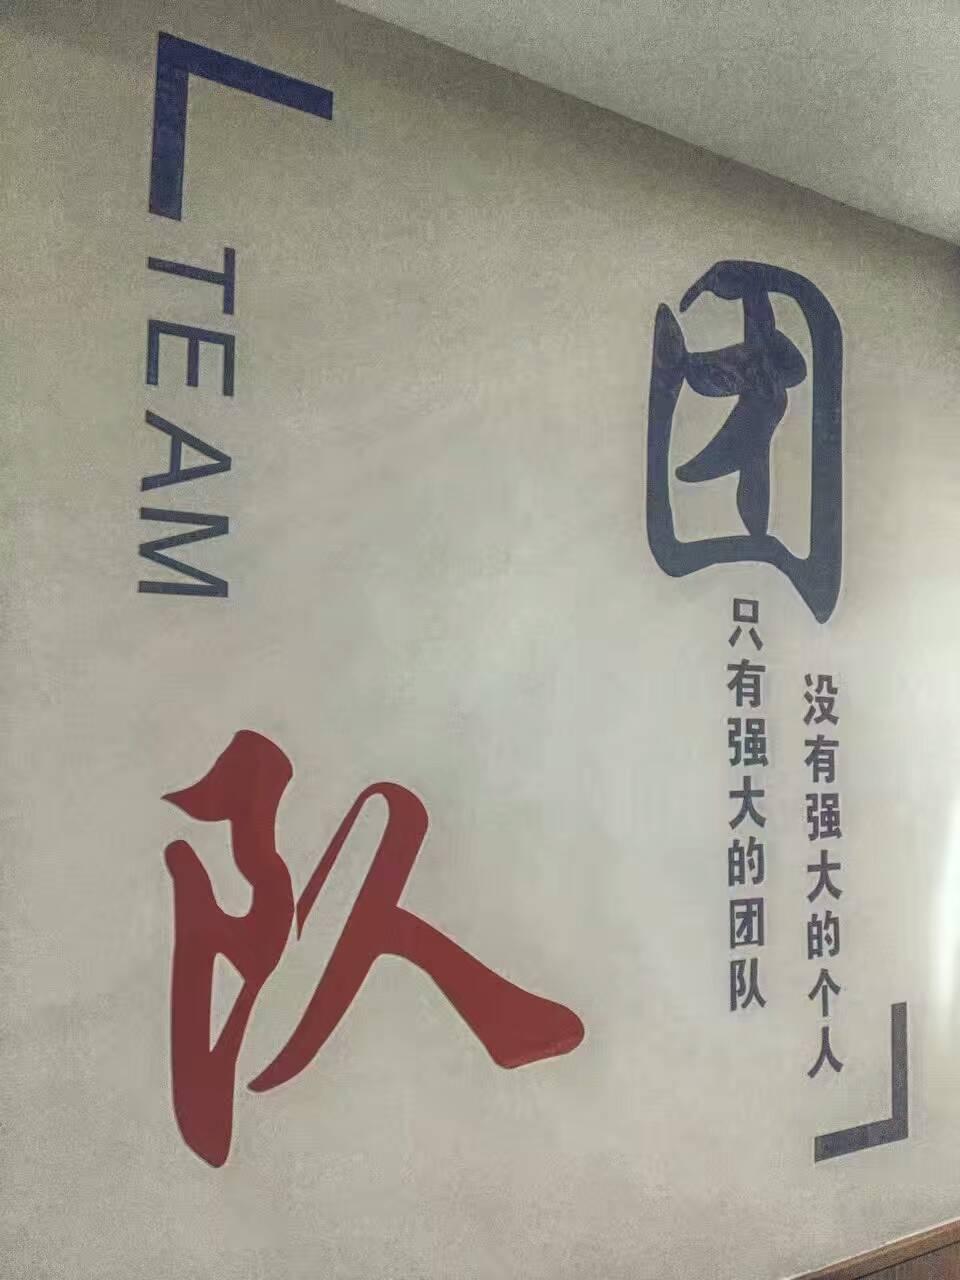 托马斯学习馆鞍山校区